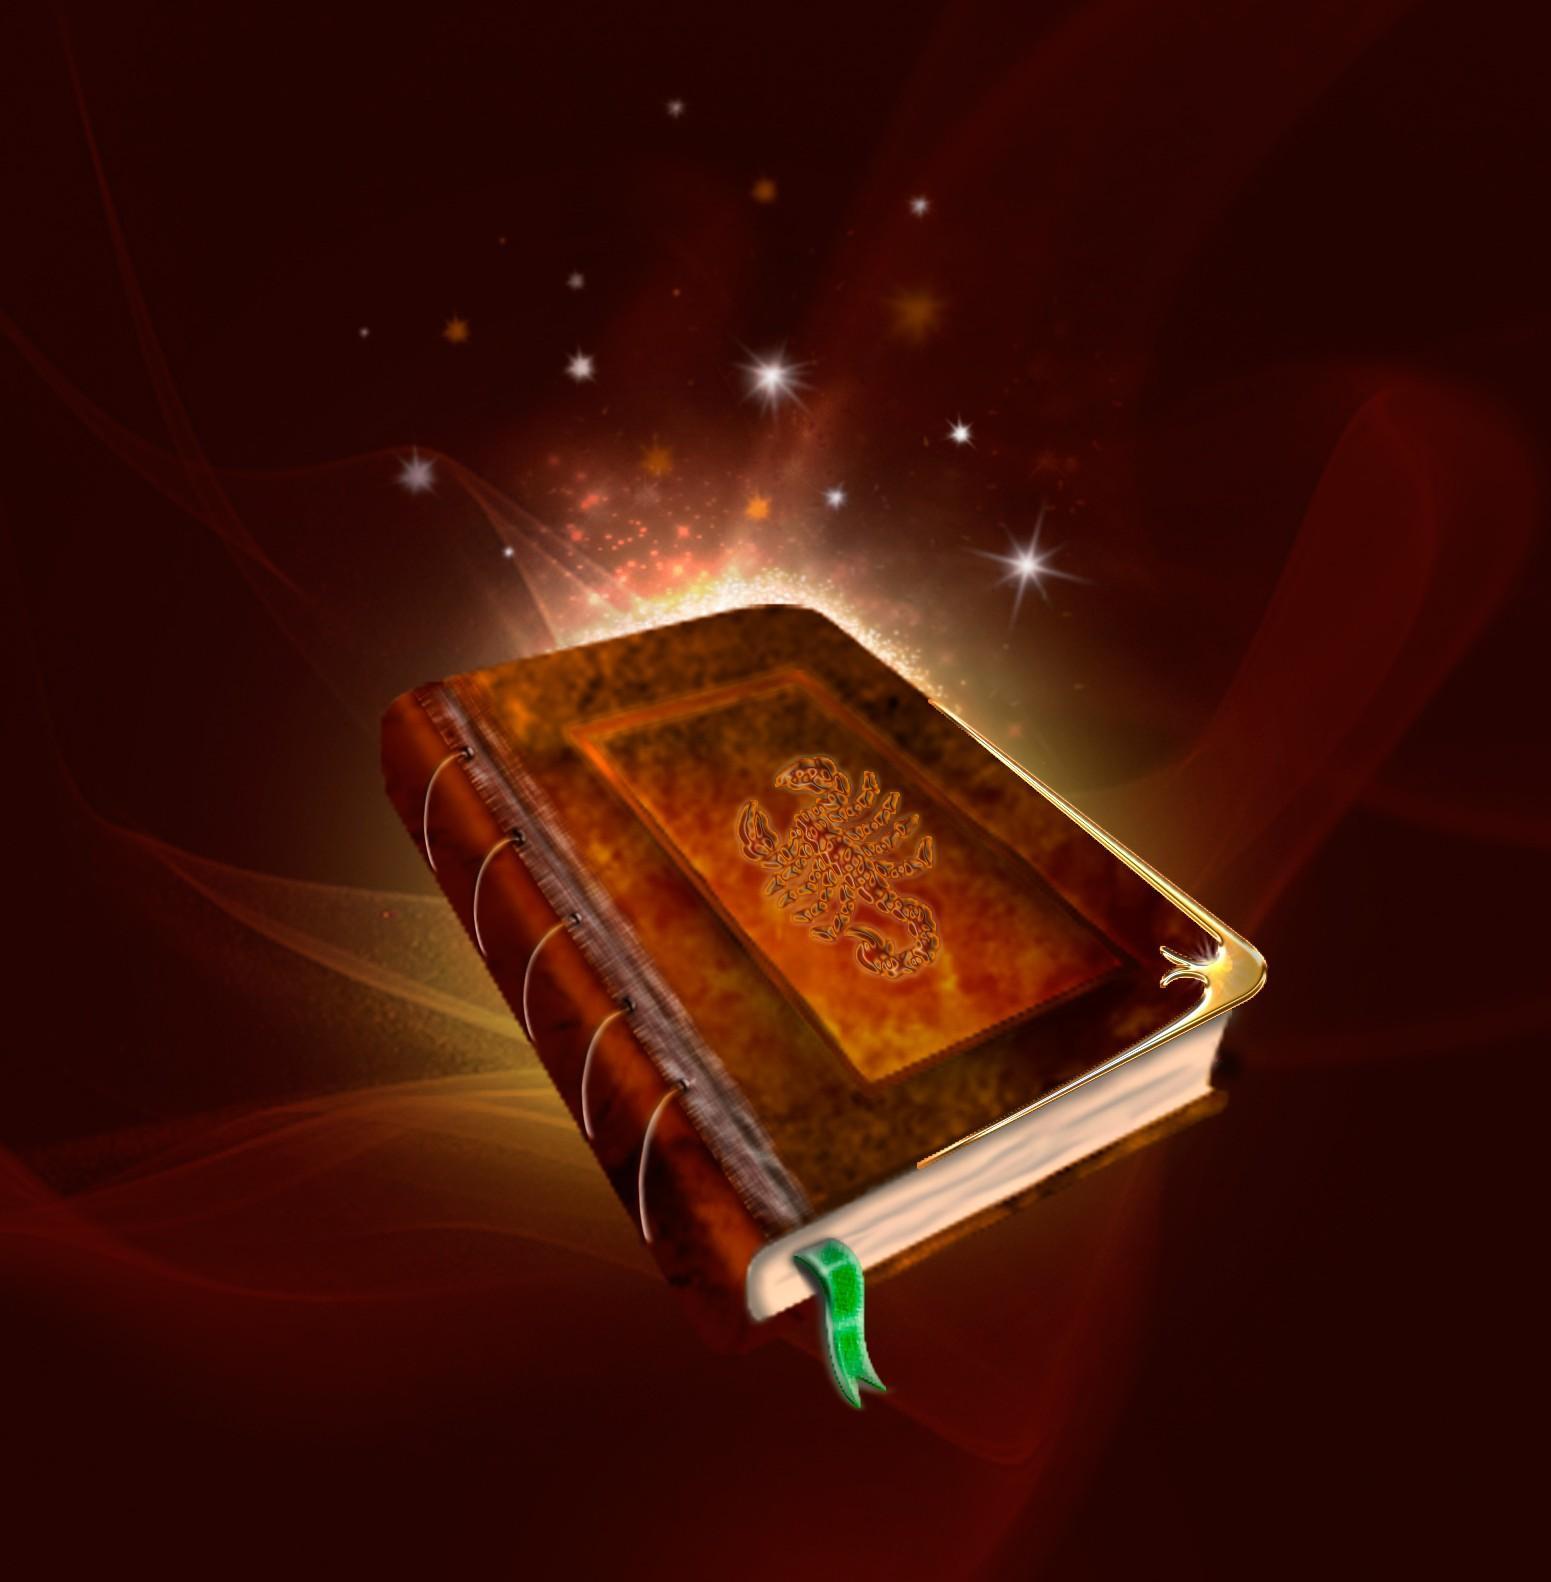 1204250 64458665 e1396648139923 - Okultizmus, okultismus, Magie, Kouzlení, Čarodějnictví